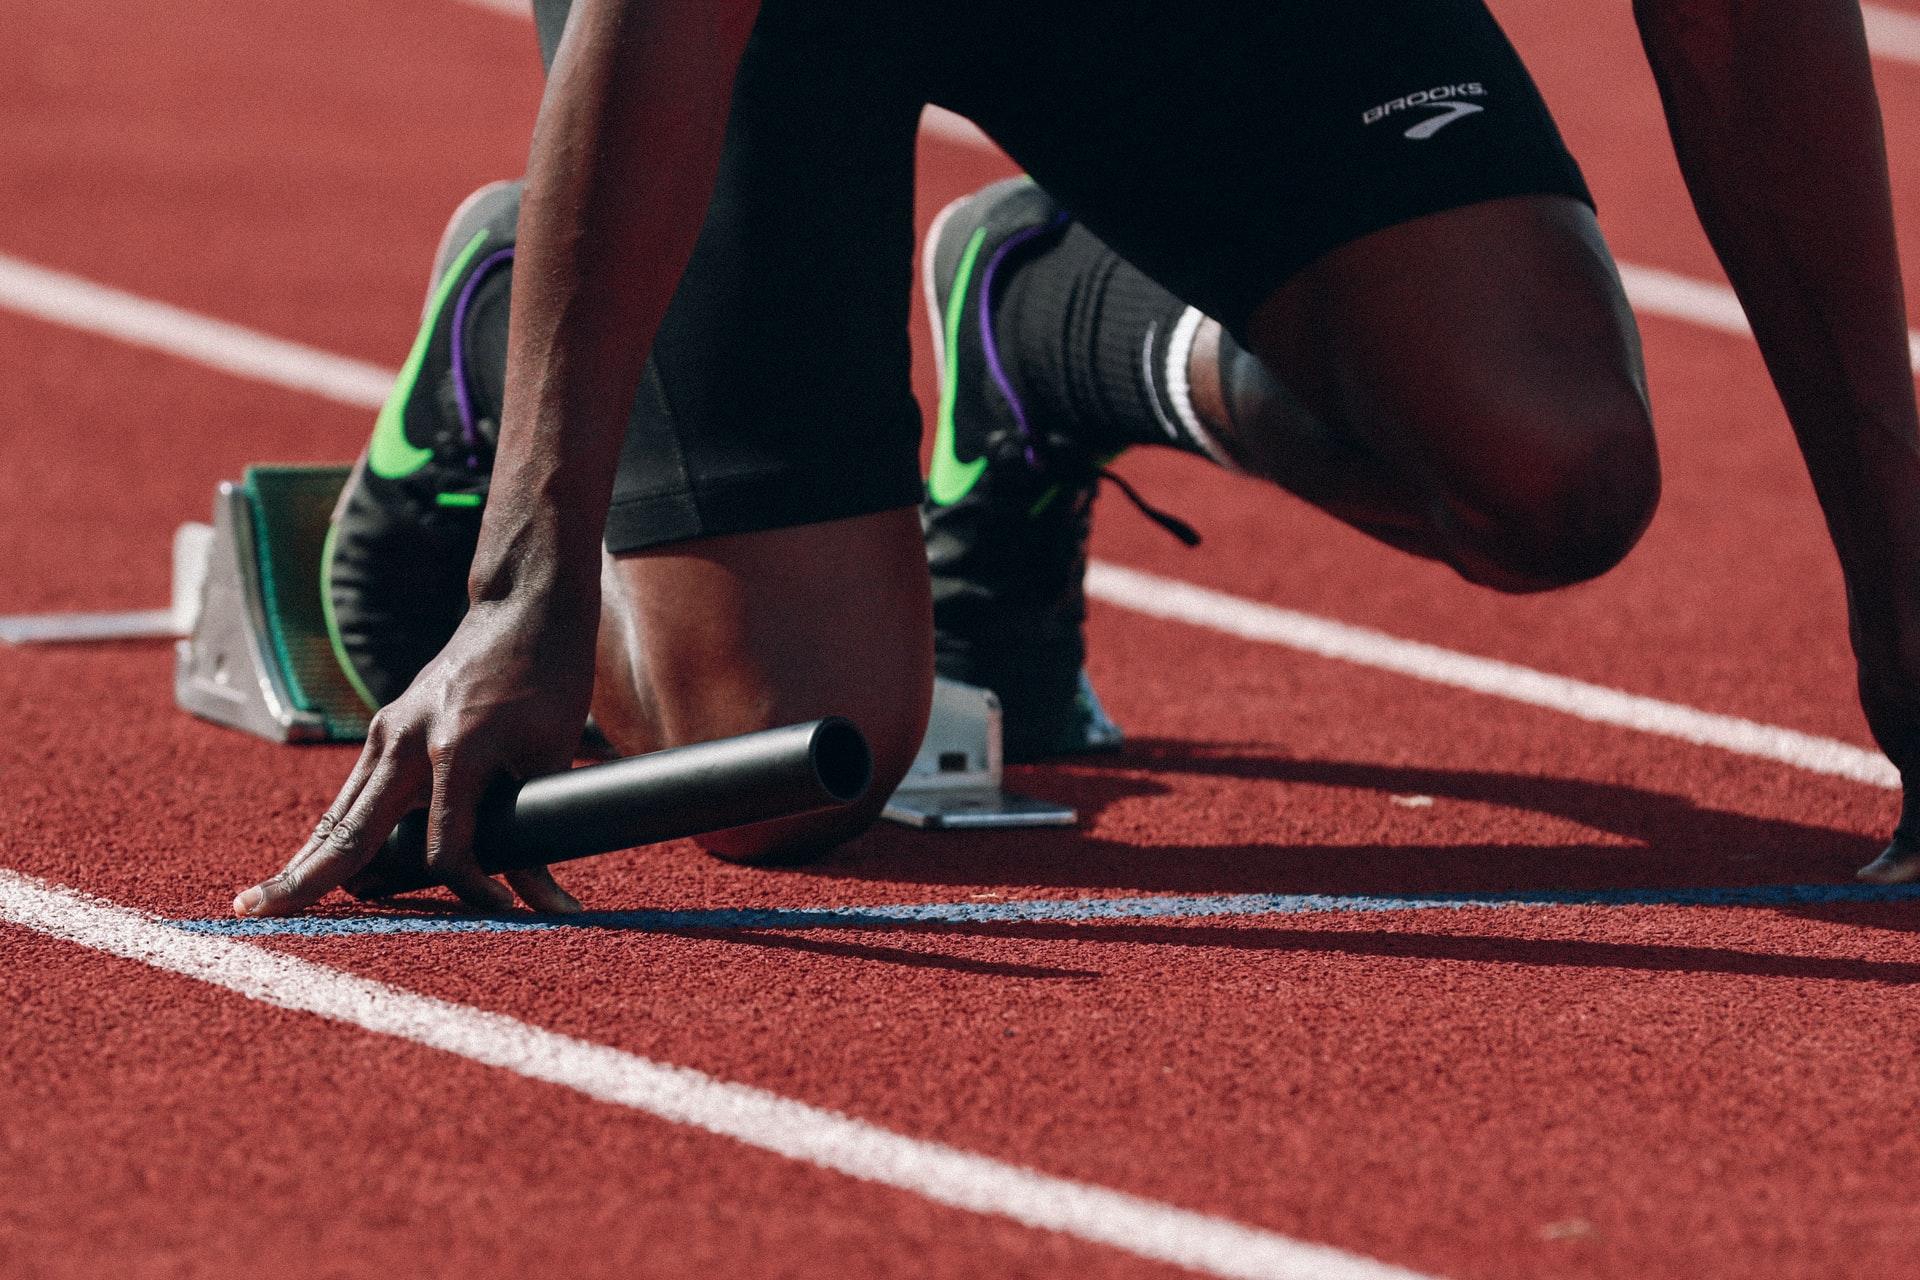 Es sind die Beine einer Person zu sehen, die in einem Startblock steht und bereit ist, loszurennen.